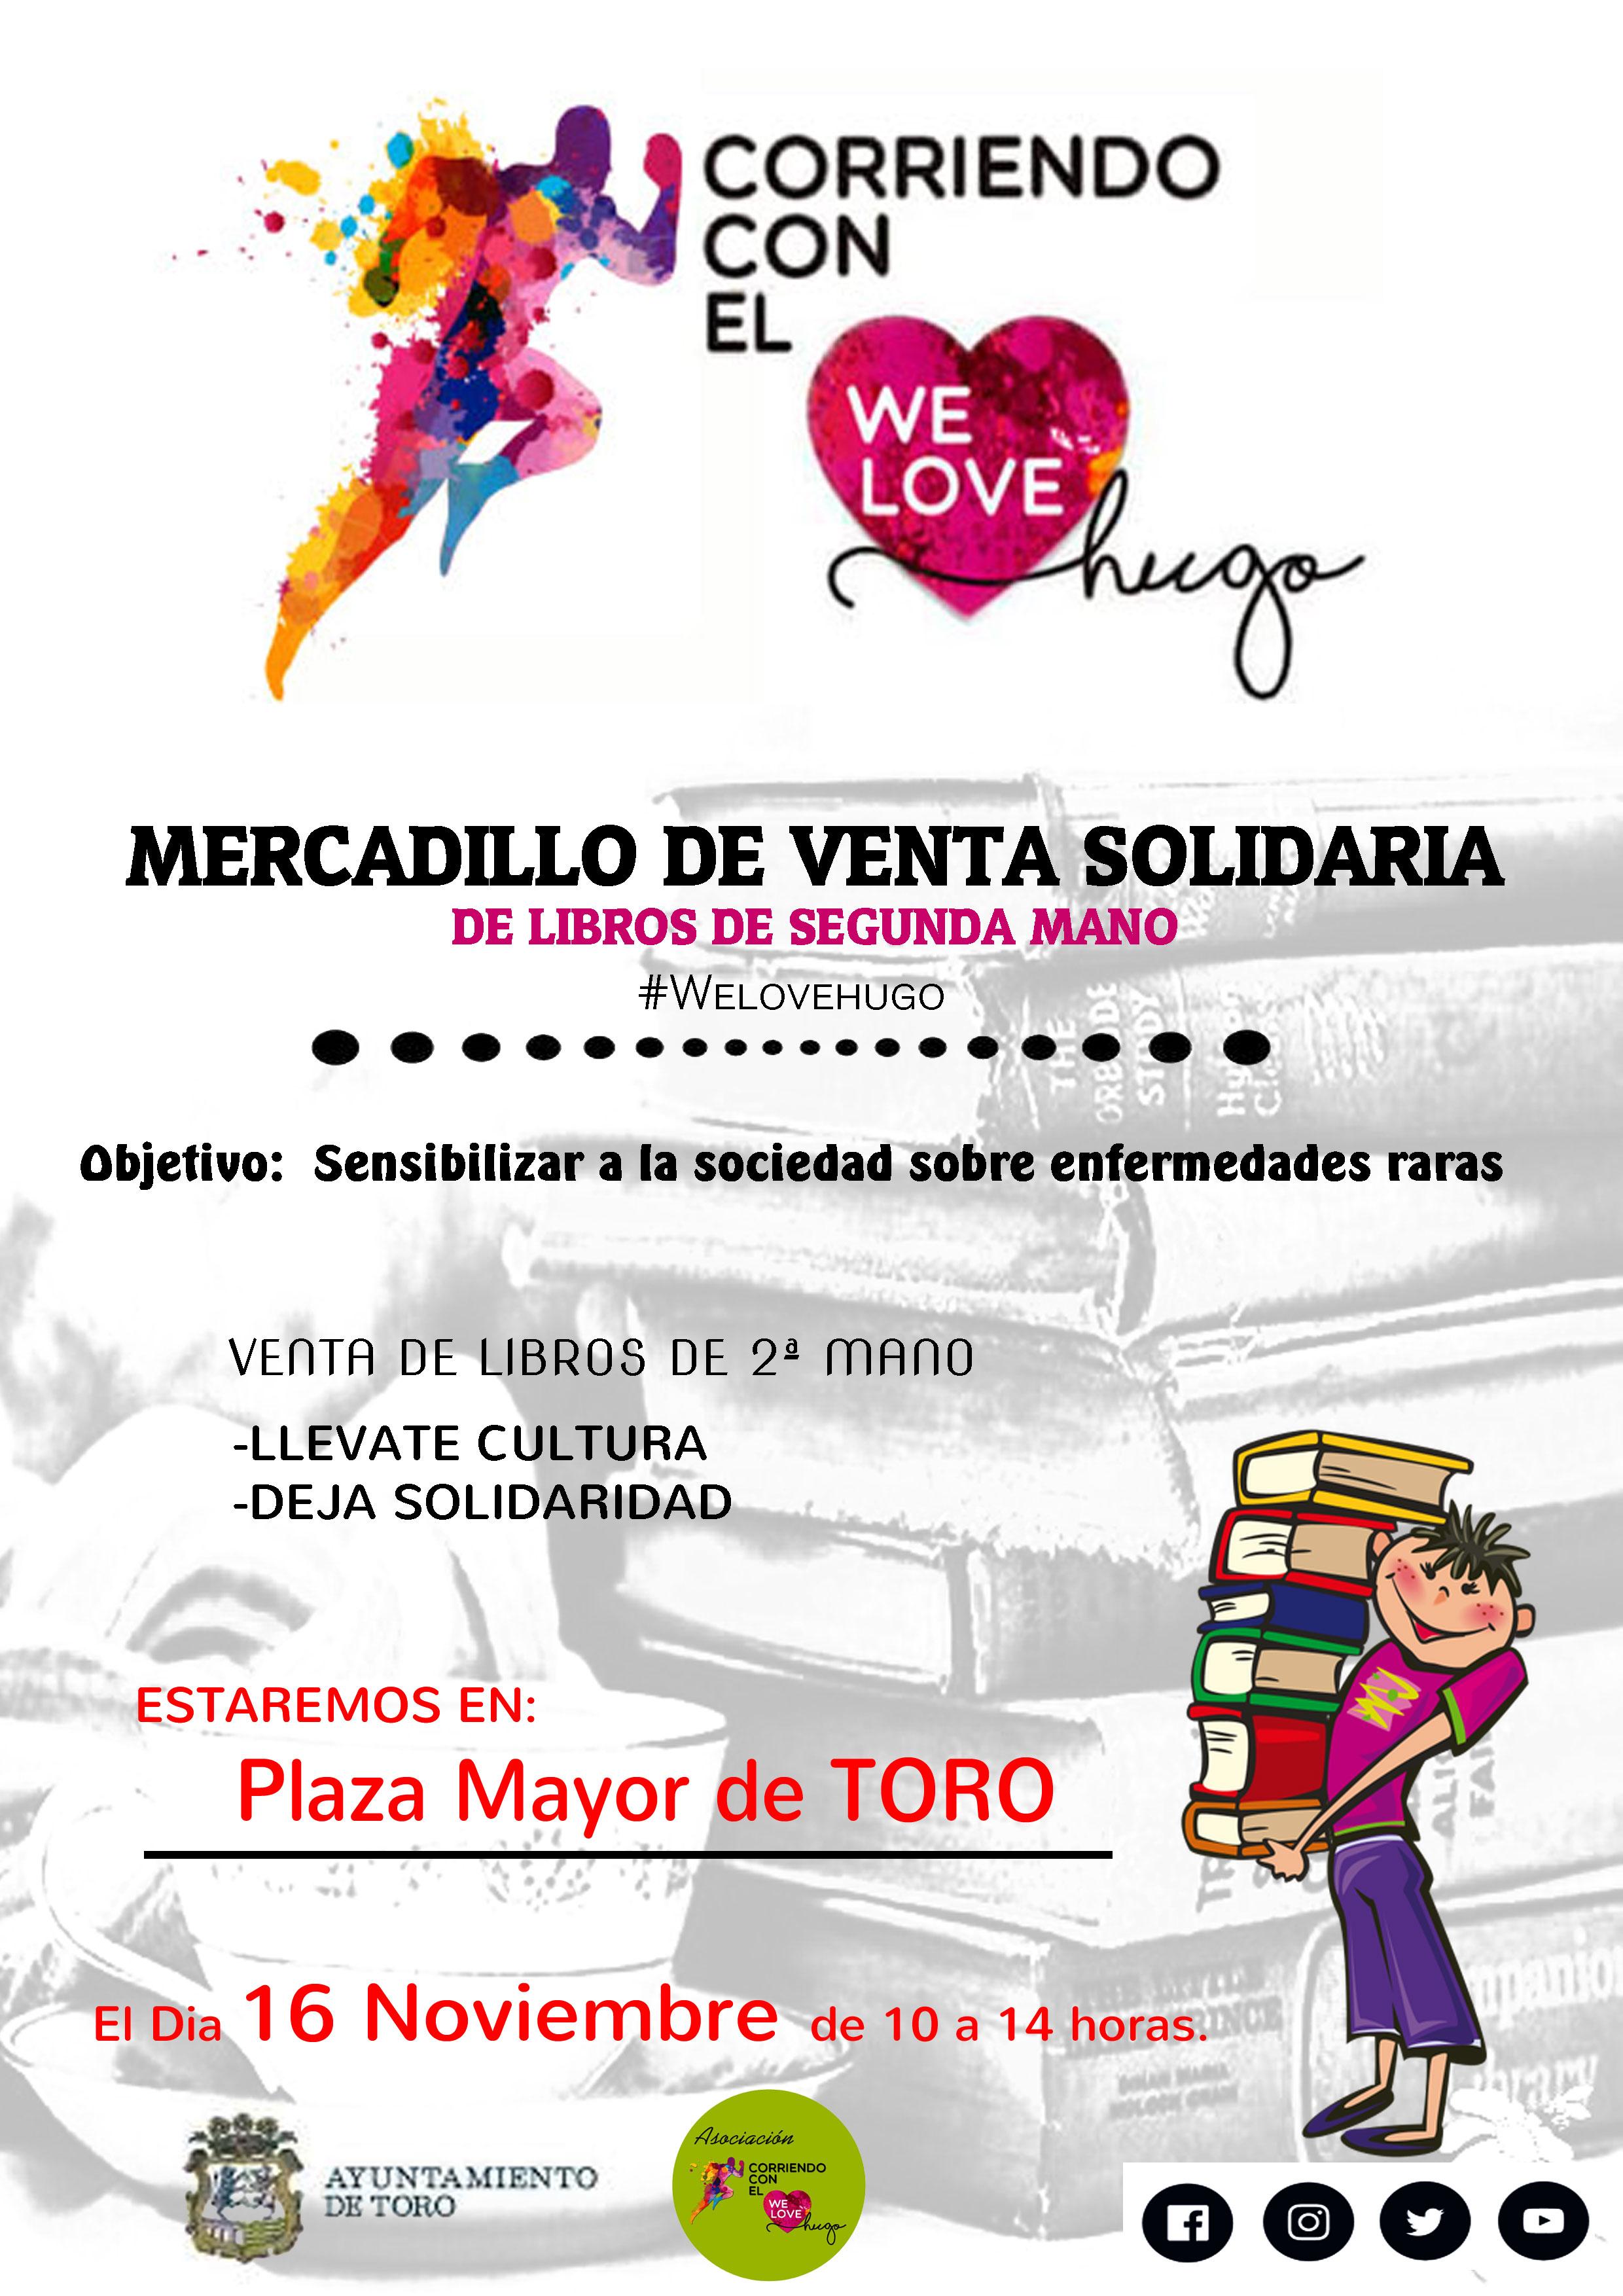 Mercadillo de libros Solidario en Toro